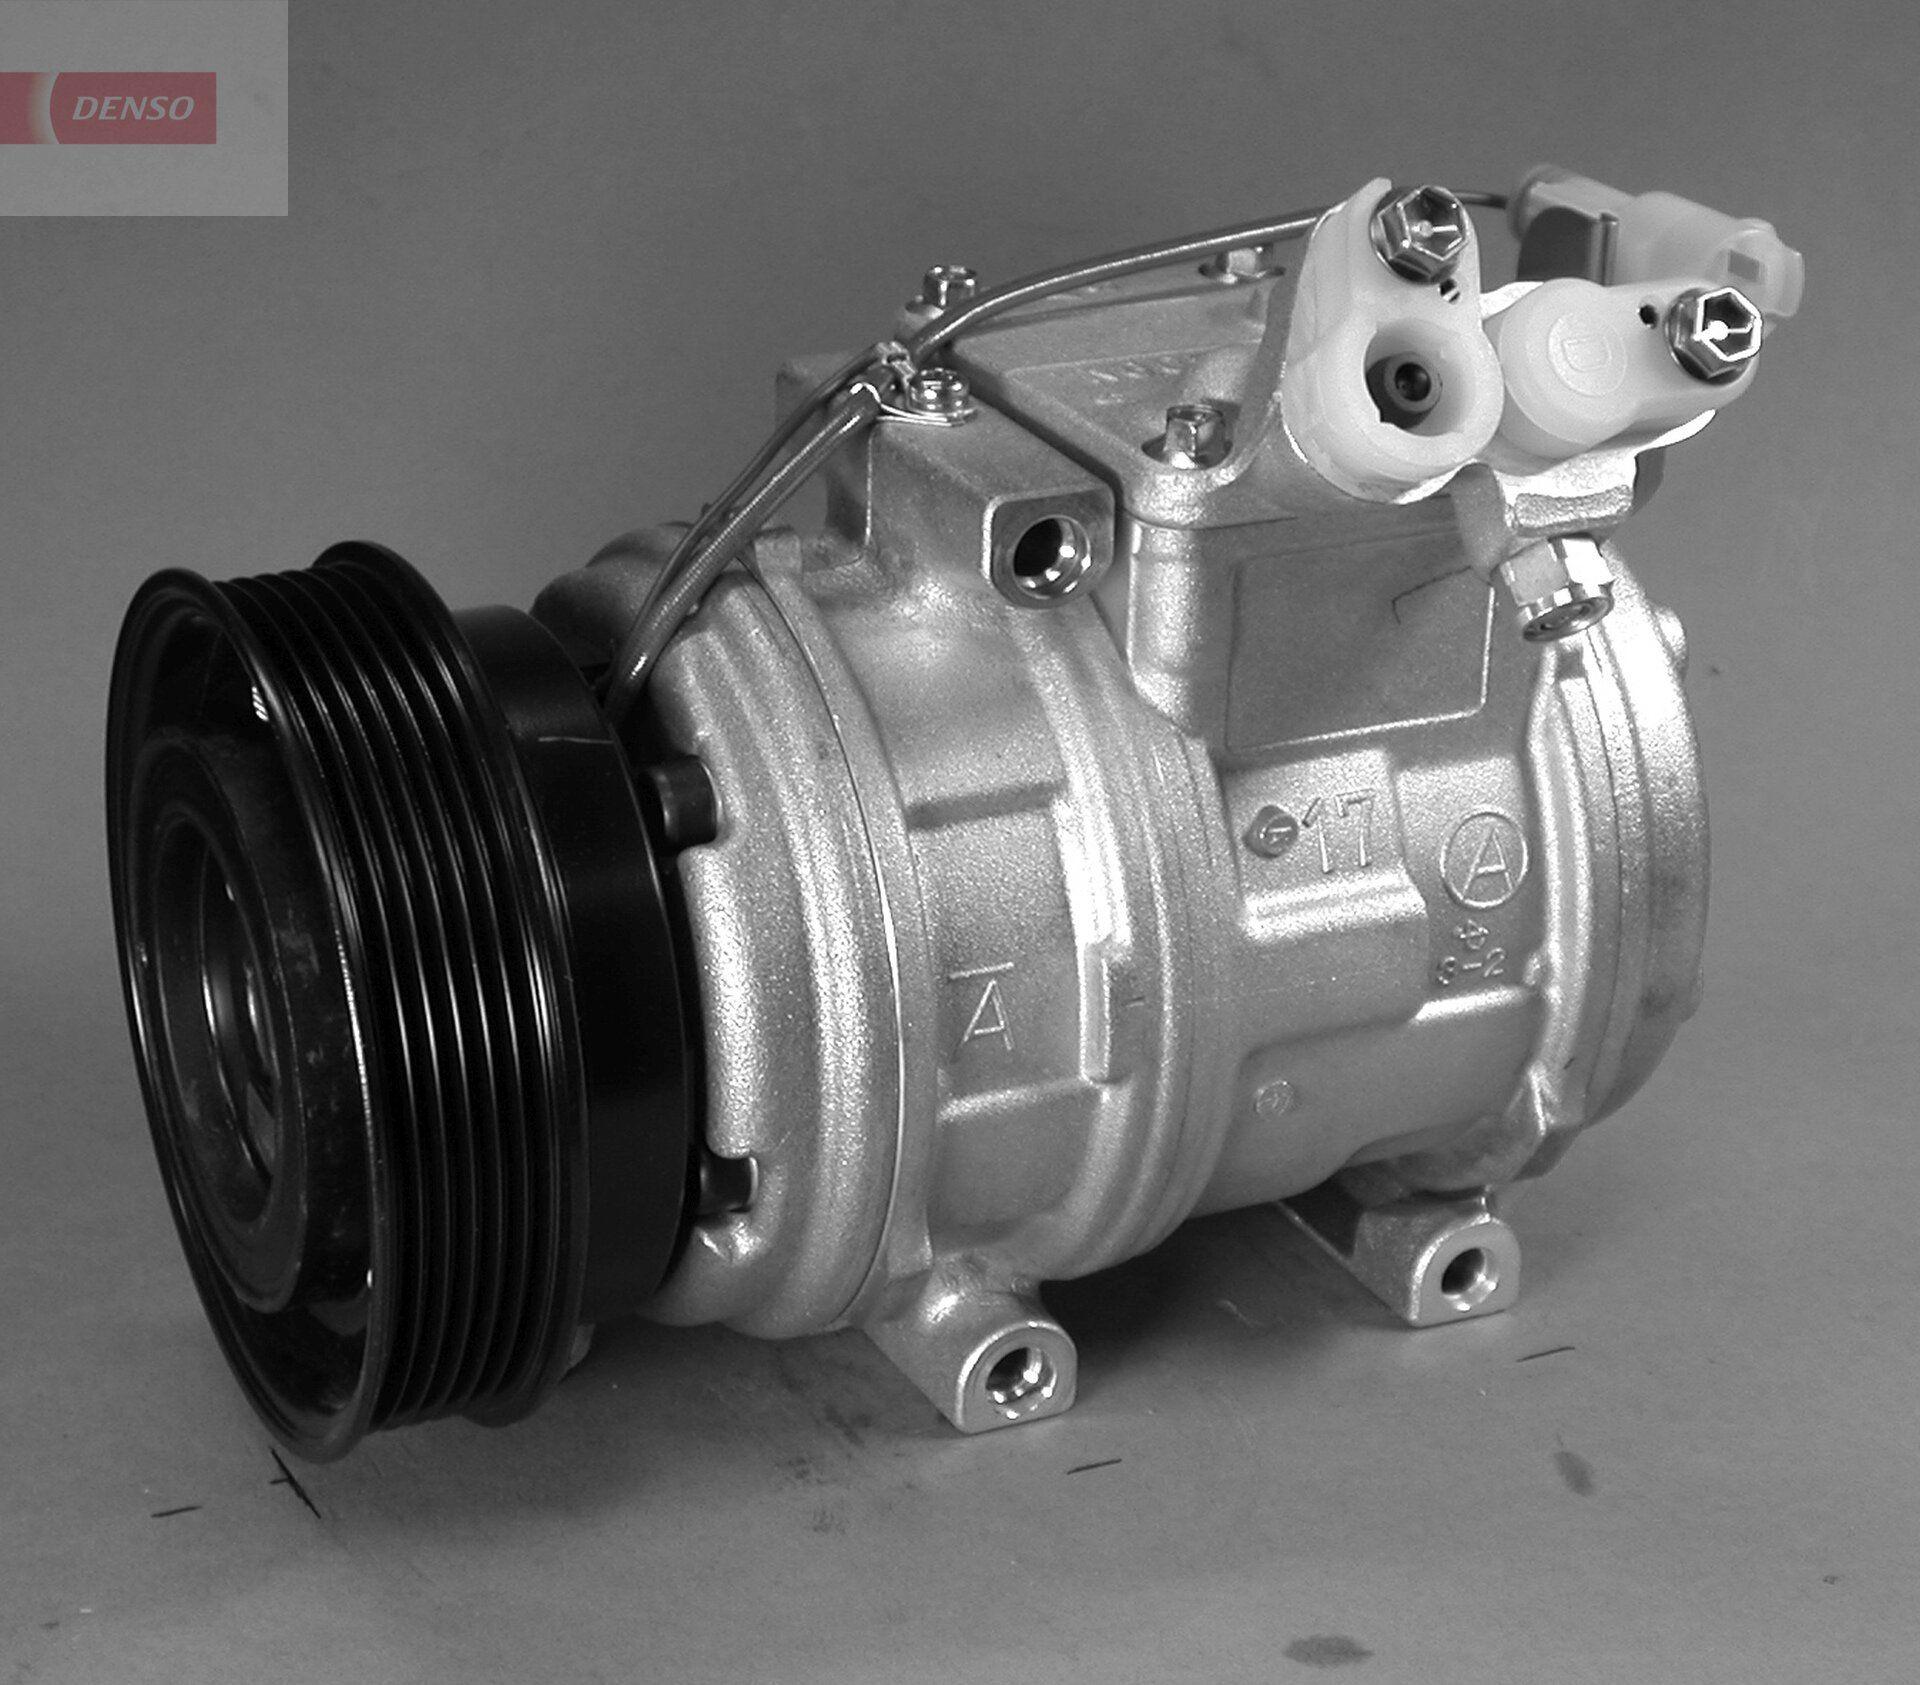 DCP14005 DENSO PAG 46, Kältemittel: R 134a Riemenscheiben-Ø: 120mm, Anzahl der Rillen: 6 Klimakompressor DCP14005 günstig kaufen